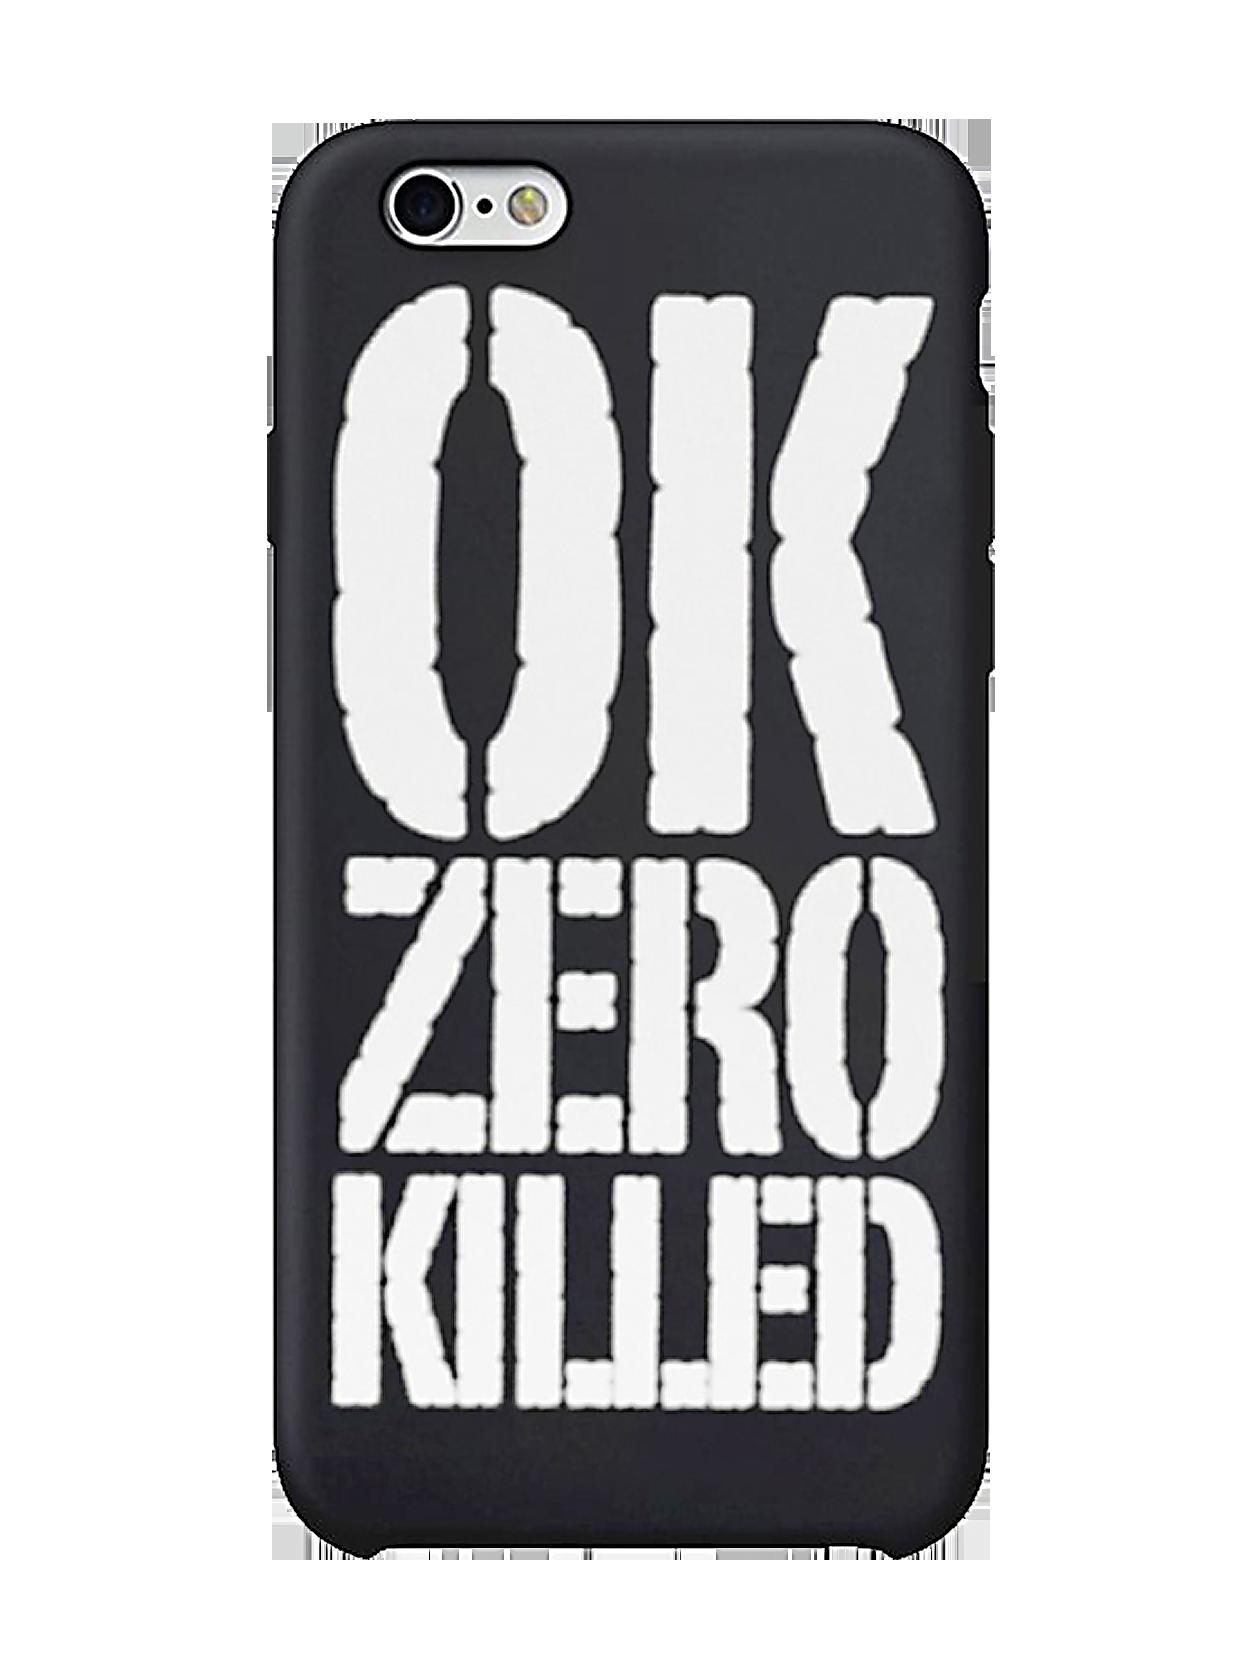 Чехол для iPhone 5/6/6+ OK Zero KilledНовый чехол для iPhone из коллекции Black Star Wear собрал в себе все лучшие черты – стиль, особое качество и эффектность. Черный цвет повышает практичность аксессуара, а крупная белая надпись «ОК Zero Killed» делает его не скучным и броским – беспроигрышное решение для модной молодежи. Такой чехол не только защищает гаджет от загрязнения и механических повреждений, но и становится неотъемлемой частью концептуального образа.<br><br>Размер: 6+<br>Цвет: Черный<br>Пол: Унисекс